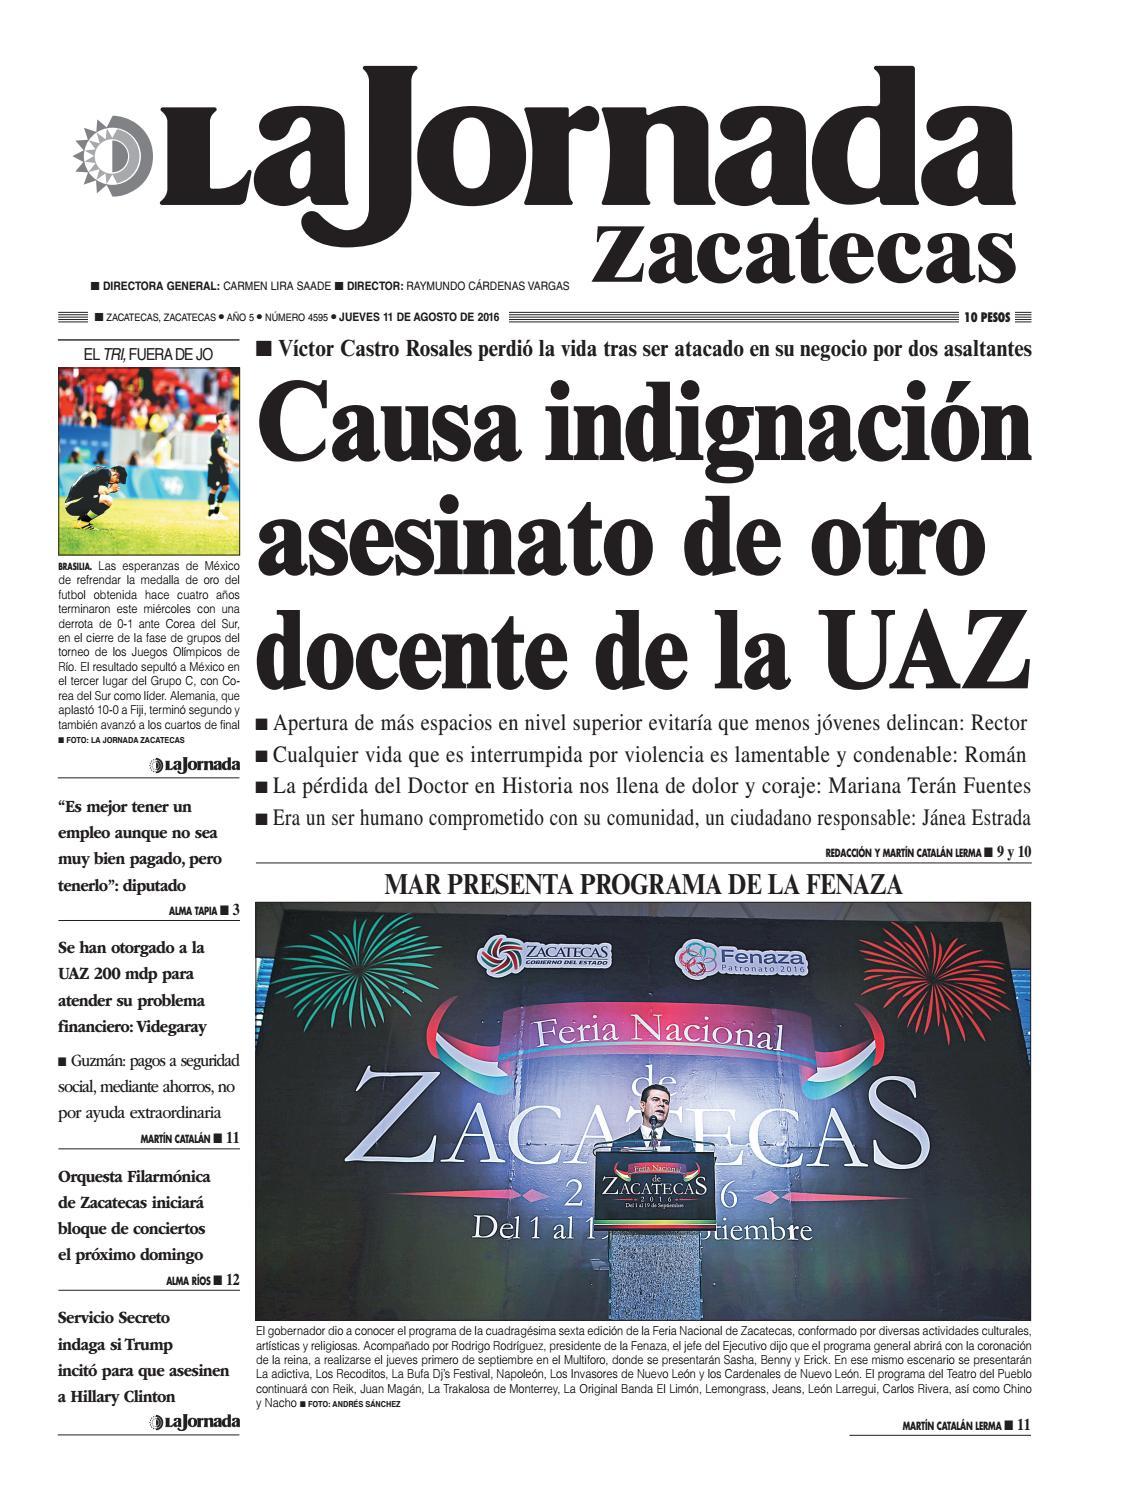 La Jornada Zacatecas Jueves 11 De Agosto Del 2016 By La Jornada  # Muebles Tumoine